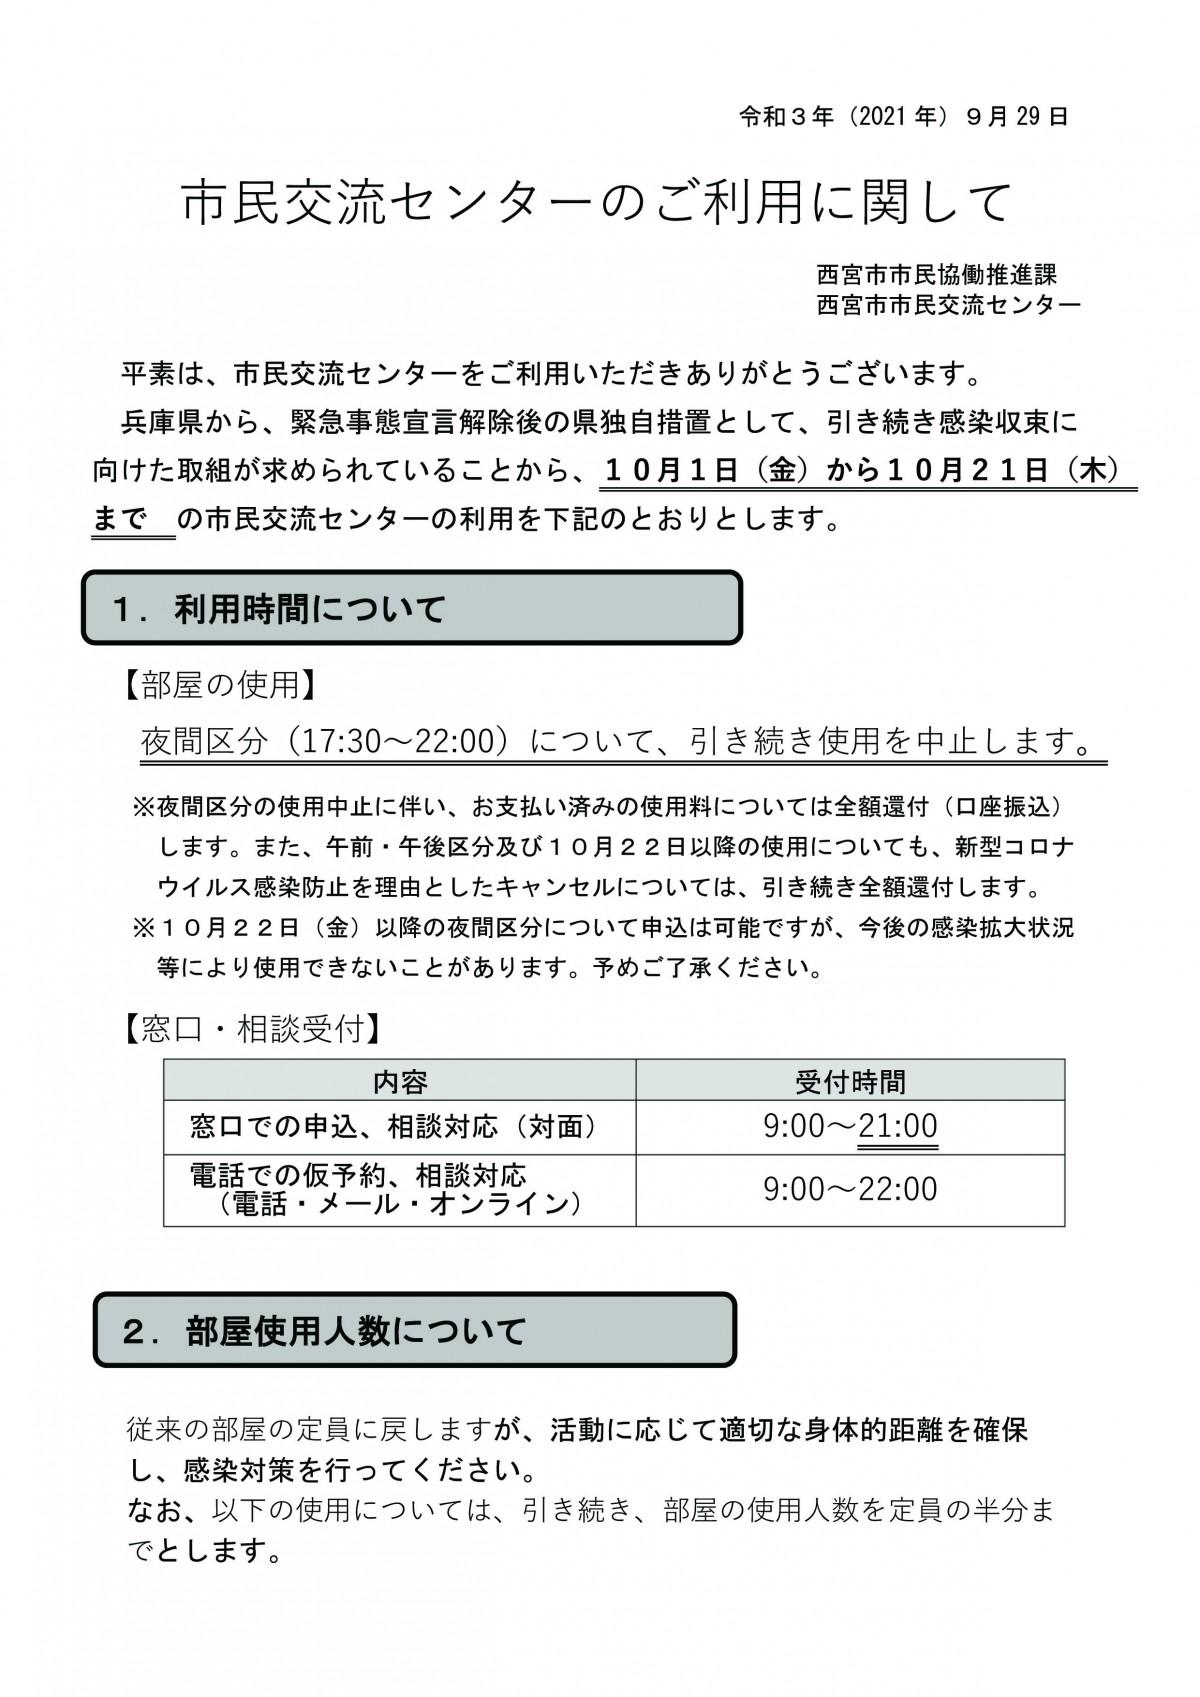 riyouseigen_0929-1-1200x1680